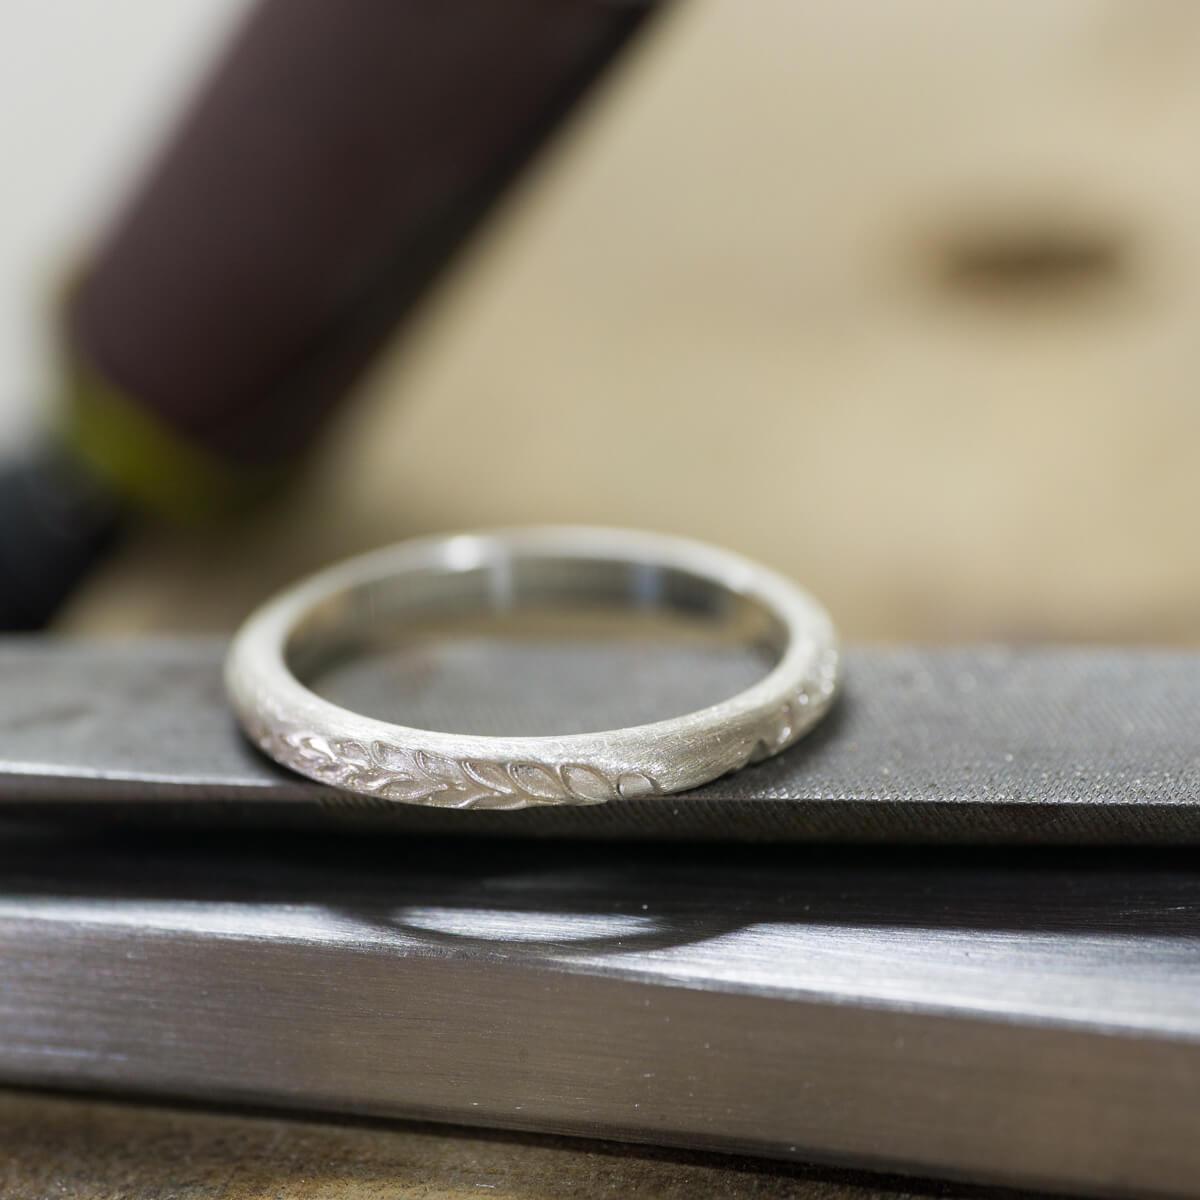 角度2 オーダーメイドマリッジリングの制作風景 ジュエリーのアトリエにシルバーリング 屋久島のシダモチーフ 屋久島でつくる結婚指輪